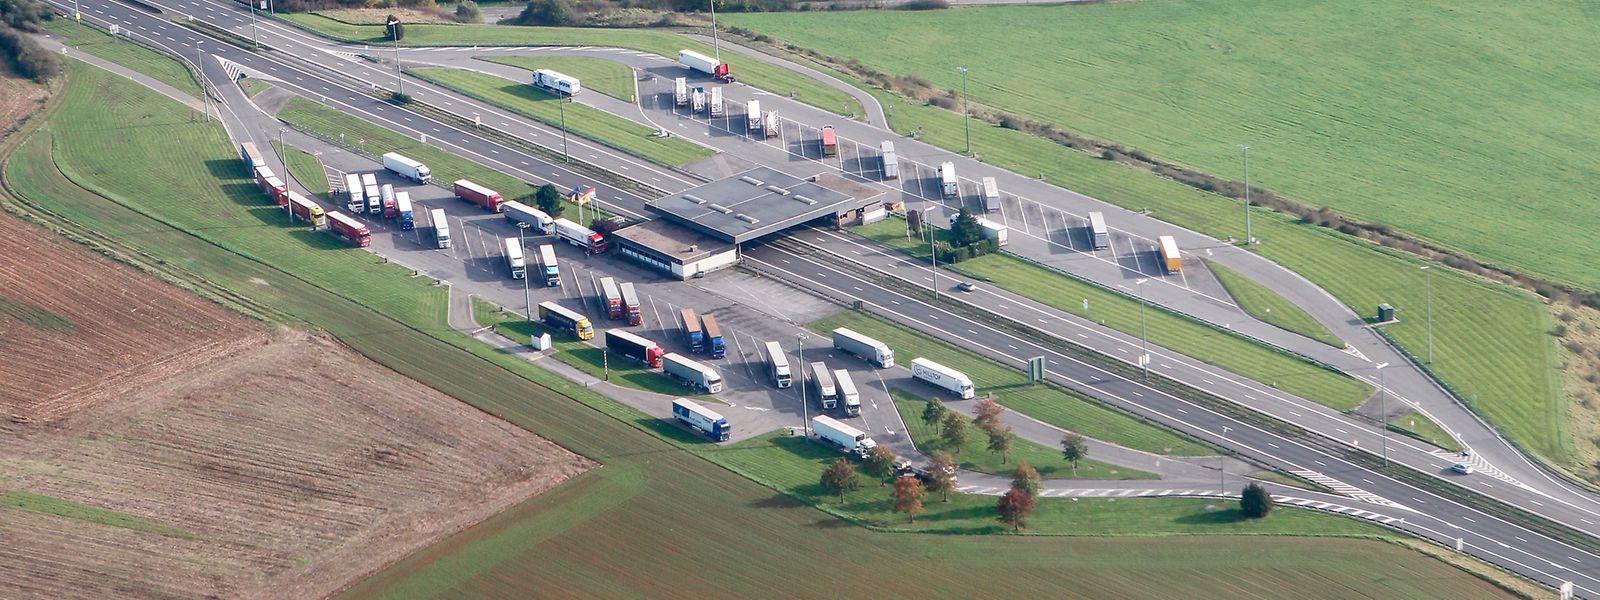 Pour François Bausch, l'utilisation du parking de l'ancien poste frontière de Sterpenich se constitue pas une alternative crédible au P+R de Viville.